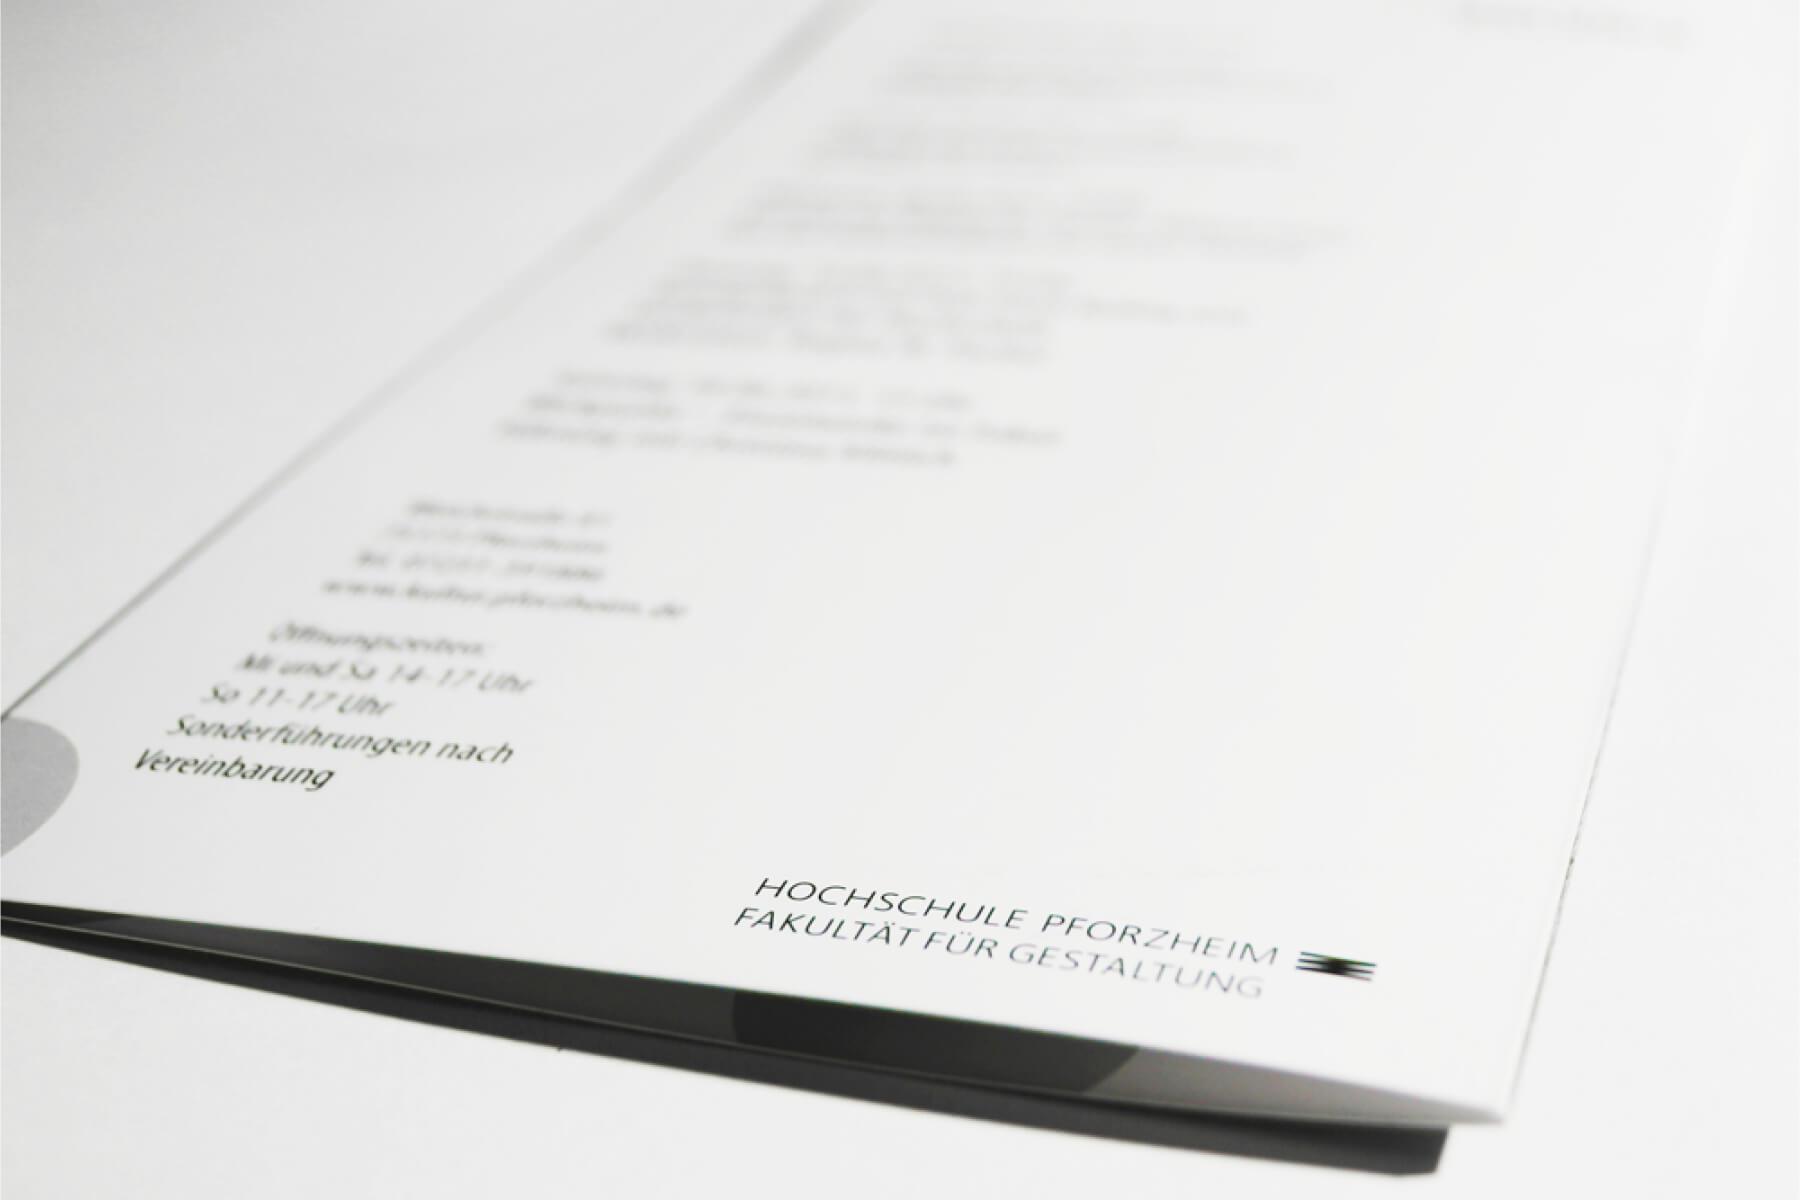 grafikdesign-janis-weidner-lindau-bodensee-flyer-13ot-04